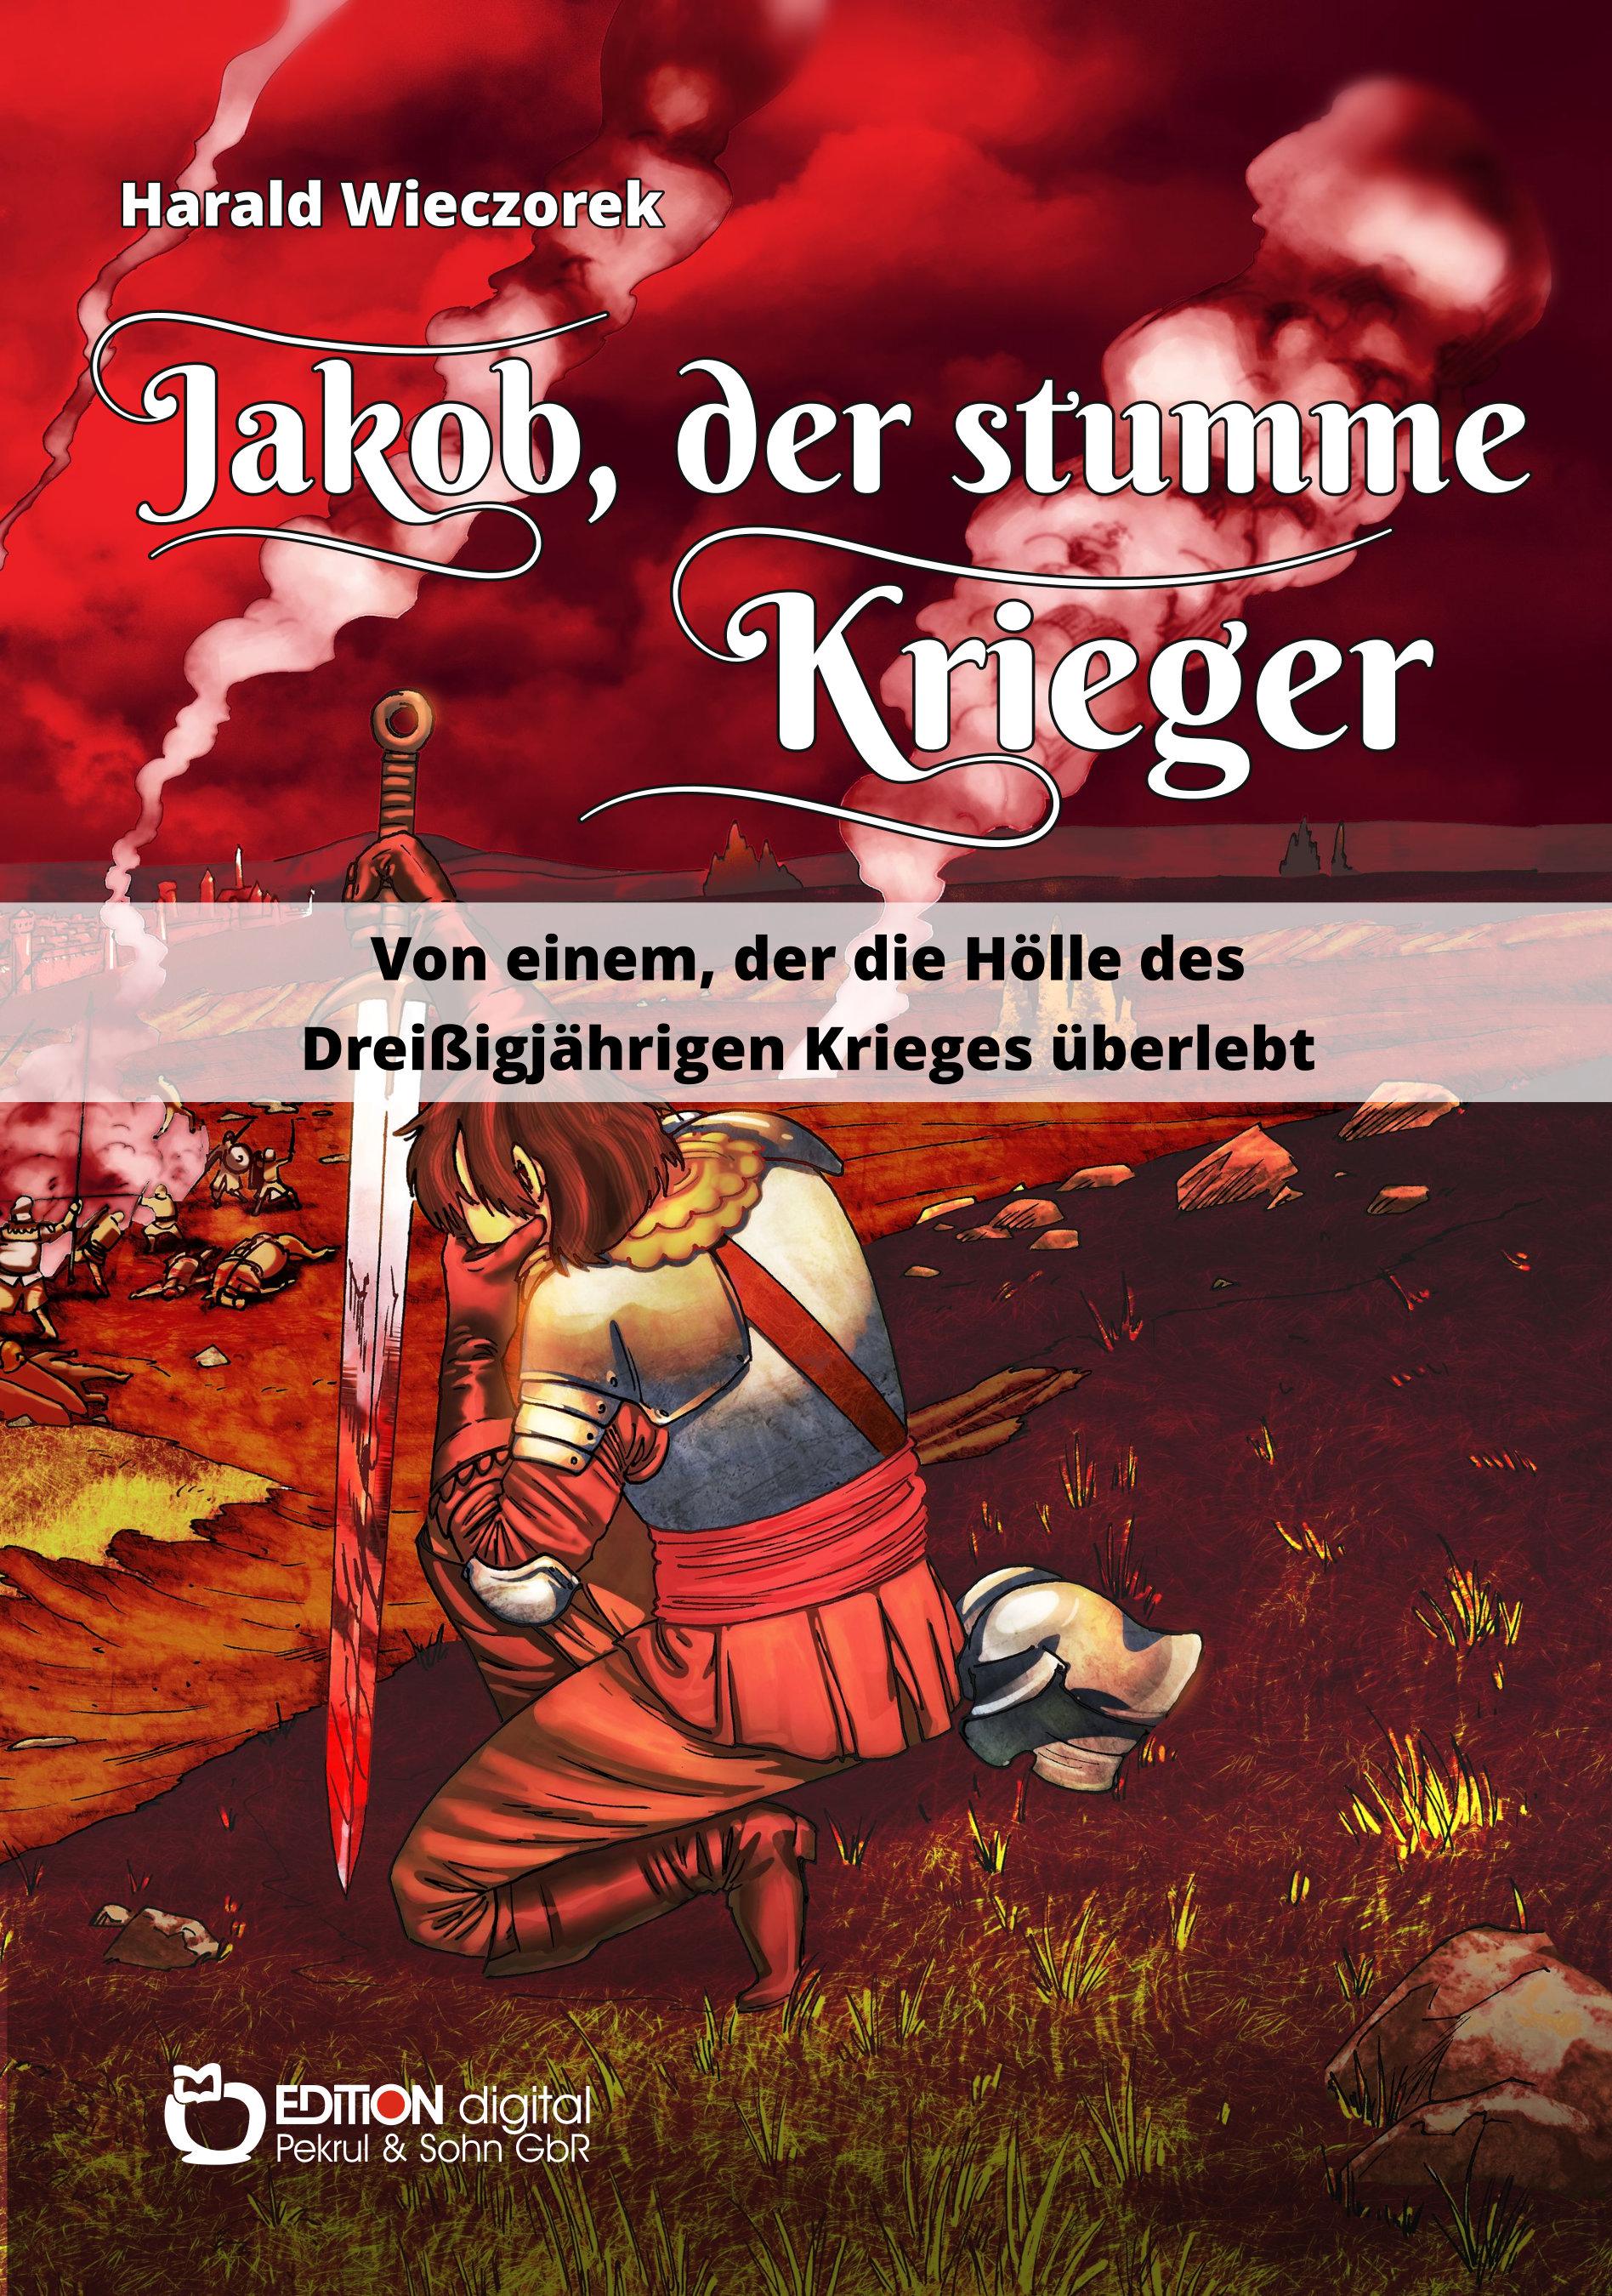 Jakob, der stumme Krieger von Harald Wieczorek